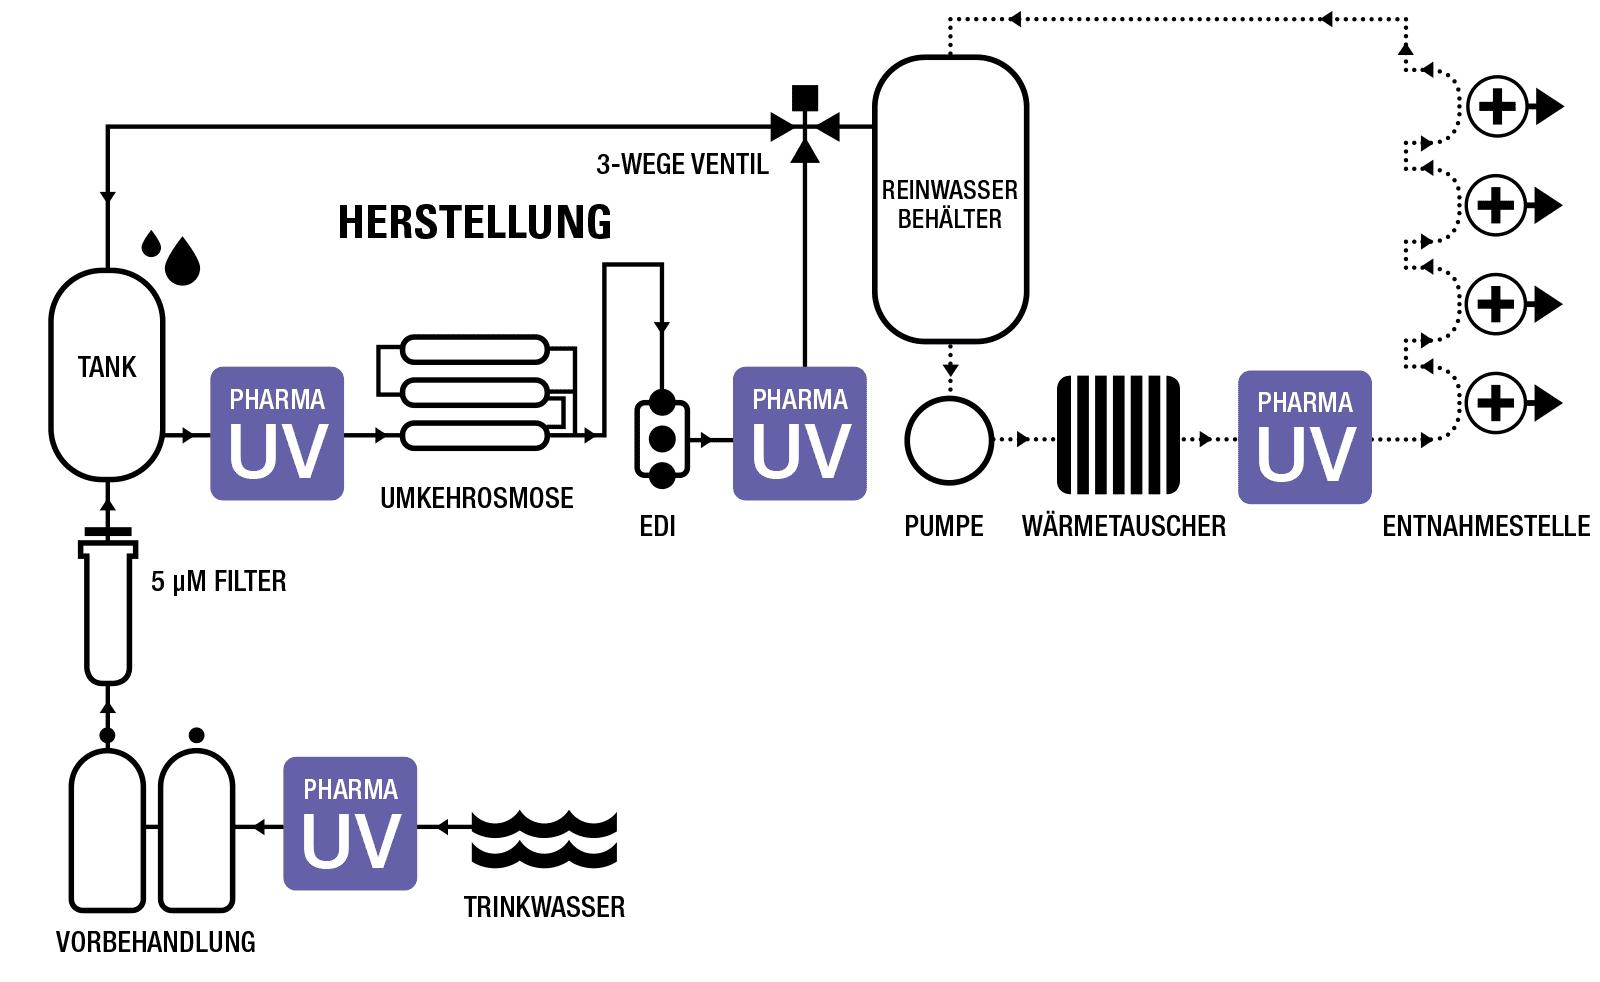 Mögliche Anordnung von UV-Systemen in einem typischen pharmazeutischen Wassersystem.